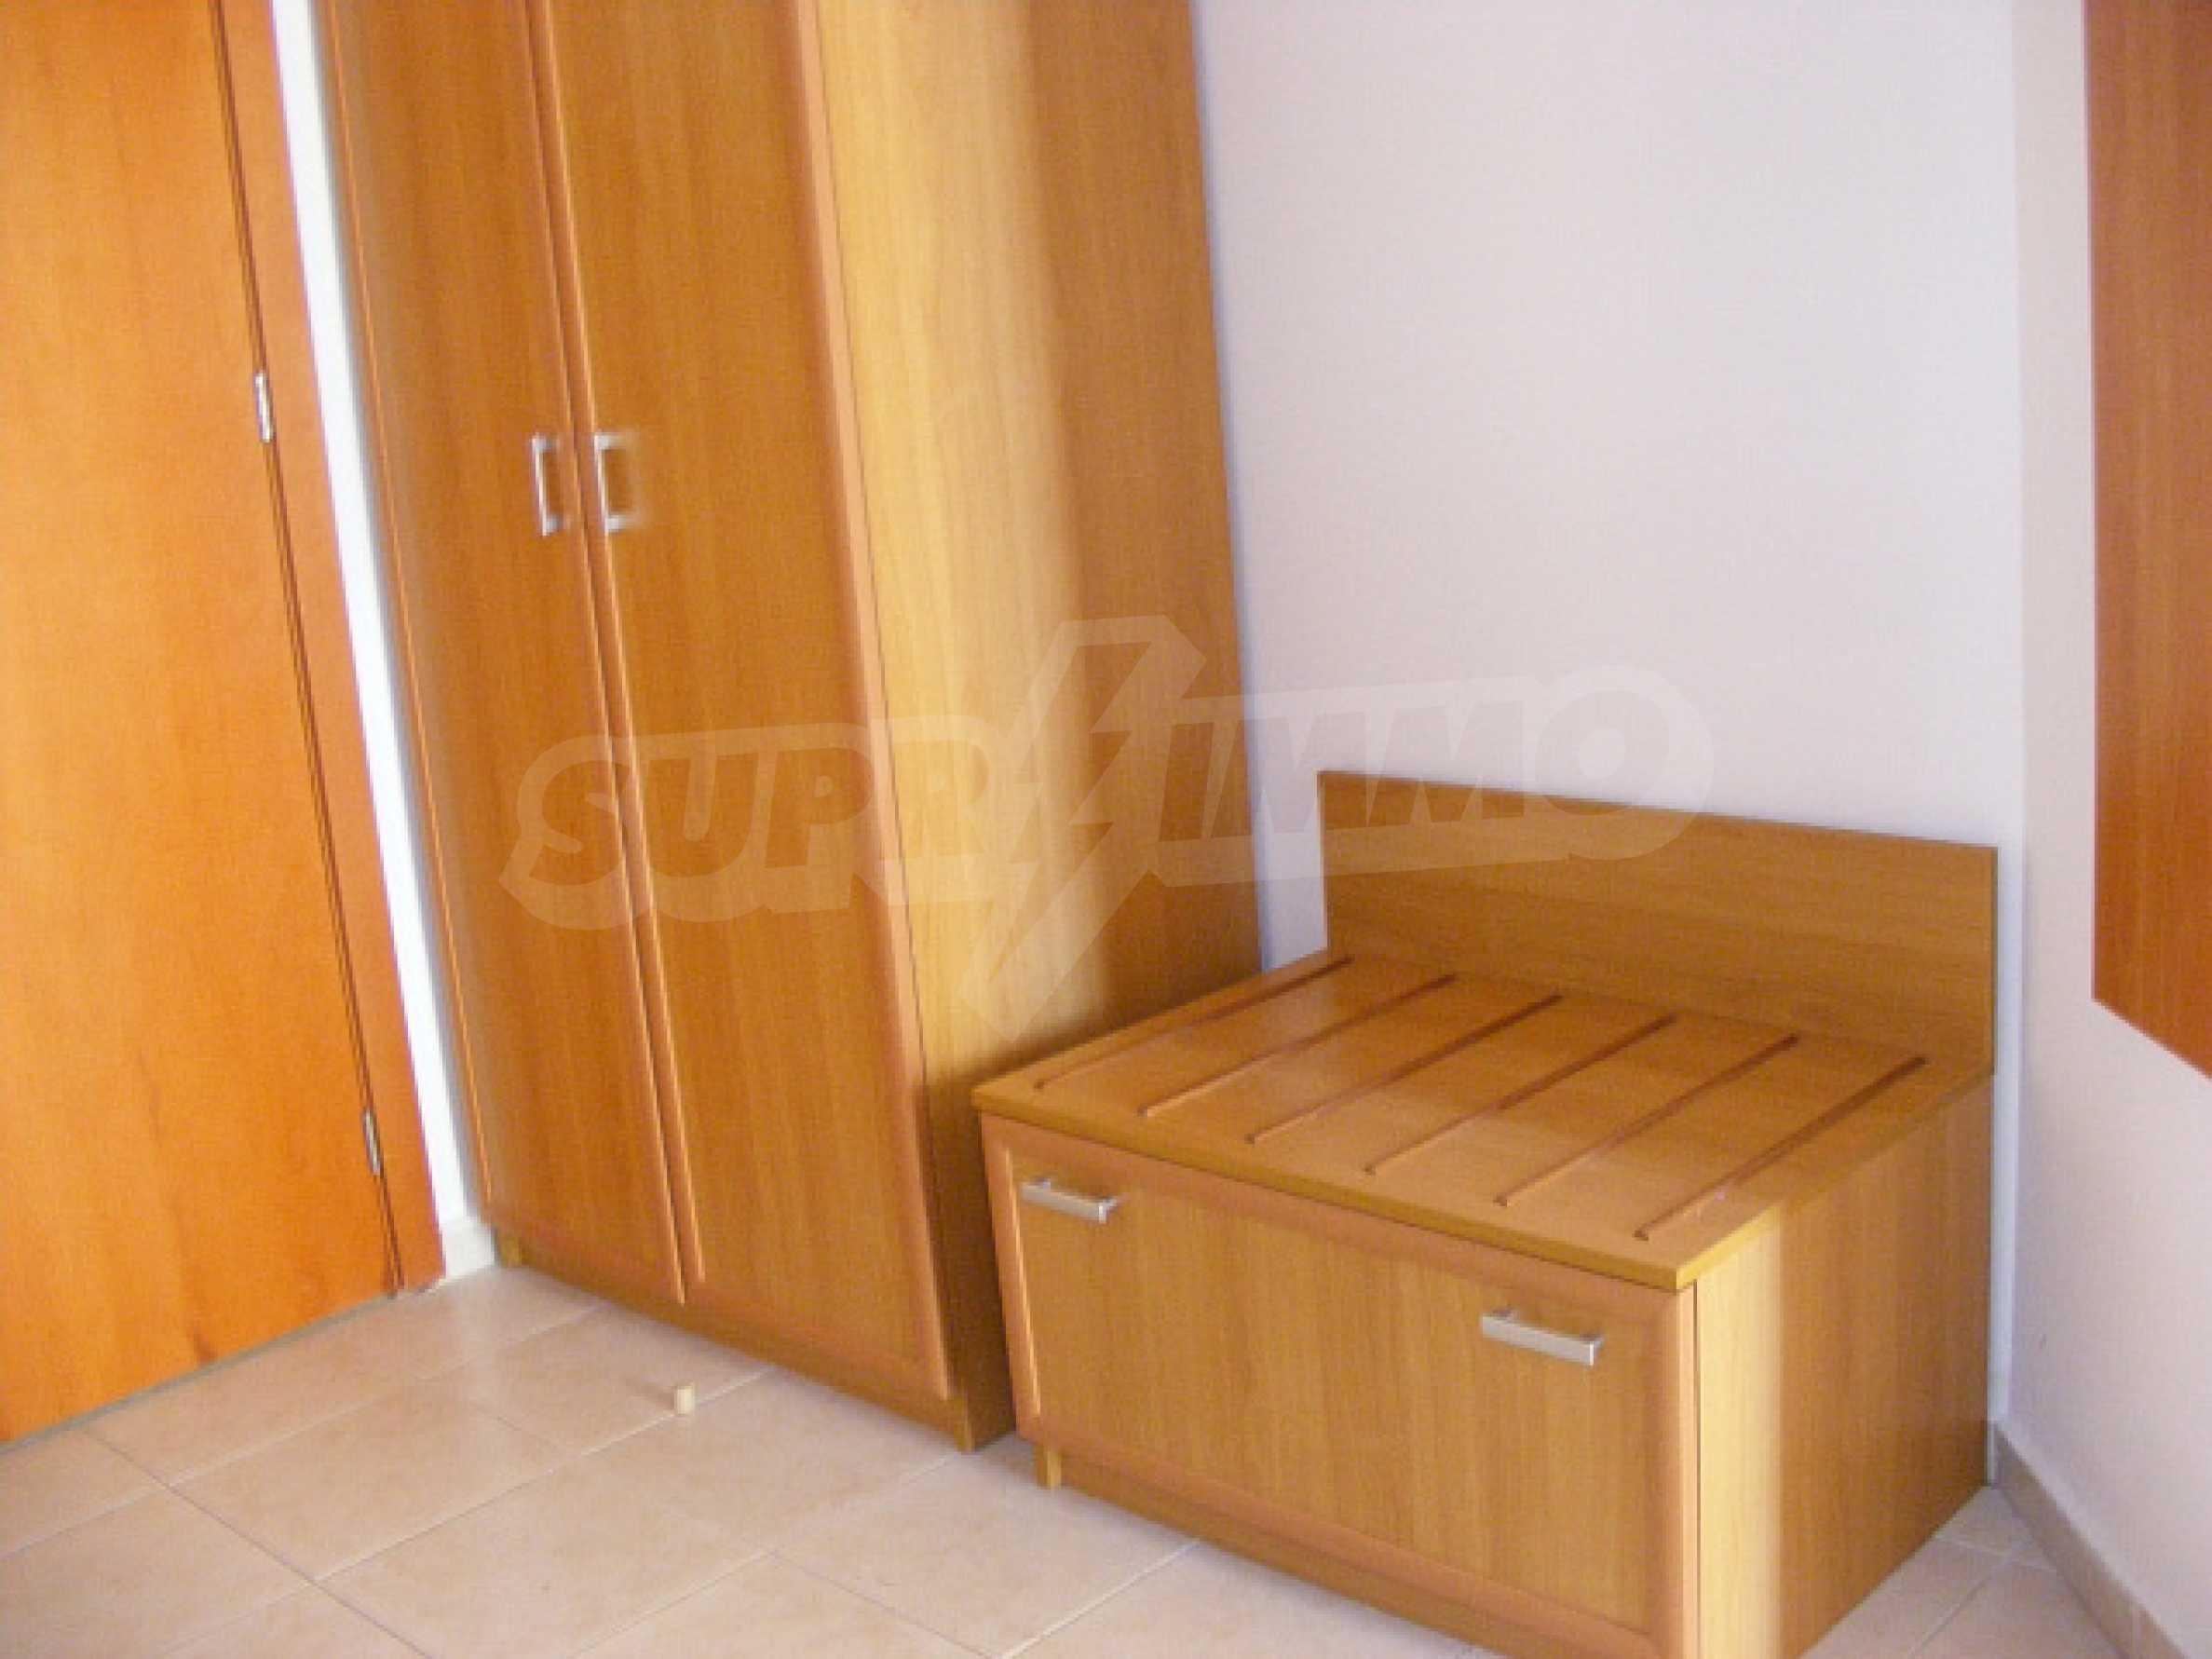 Komplett möbliertes Apartment mit 1 Schlafzimmer in Sunny Beach Goldener Sand, mit Meerblick 10